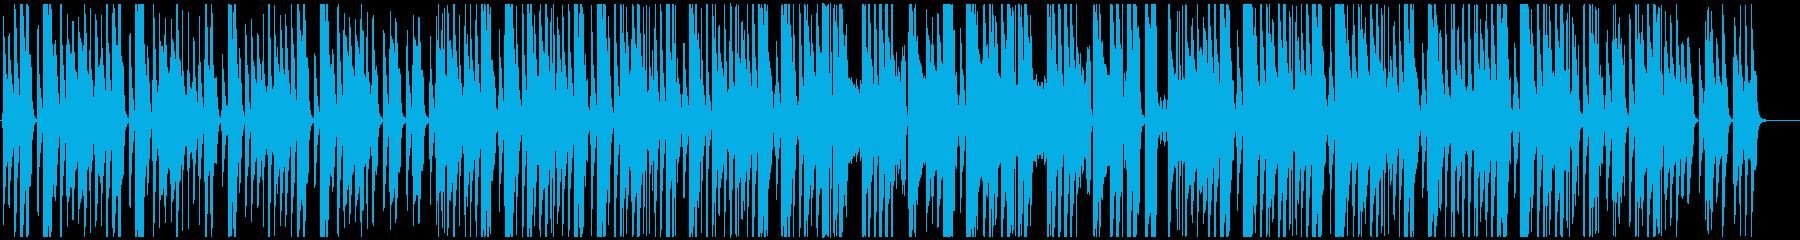 マリンバとリコーダーでまったり日常BGMの再生済みの波形